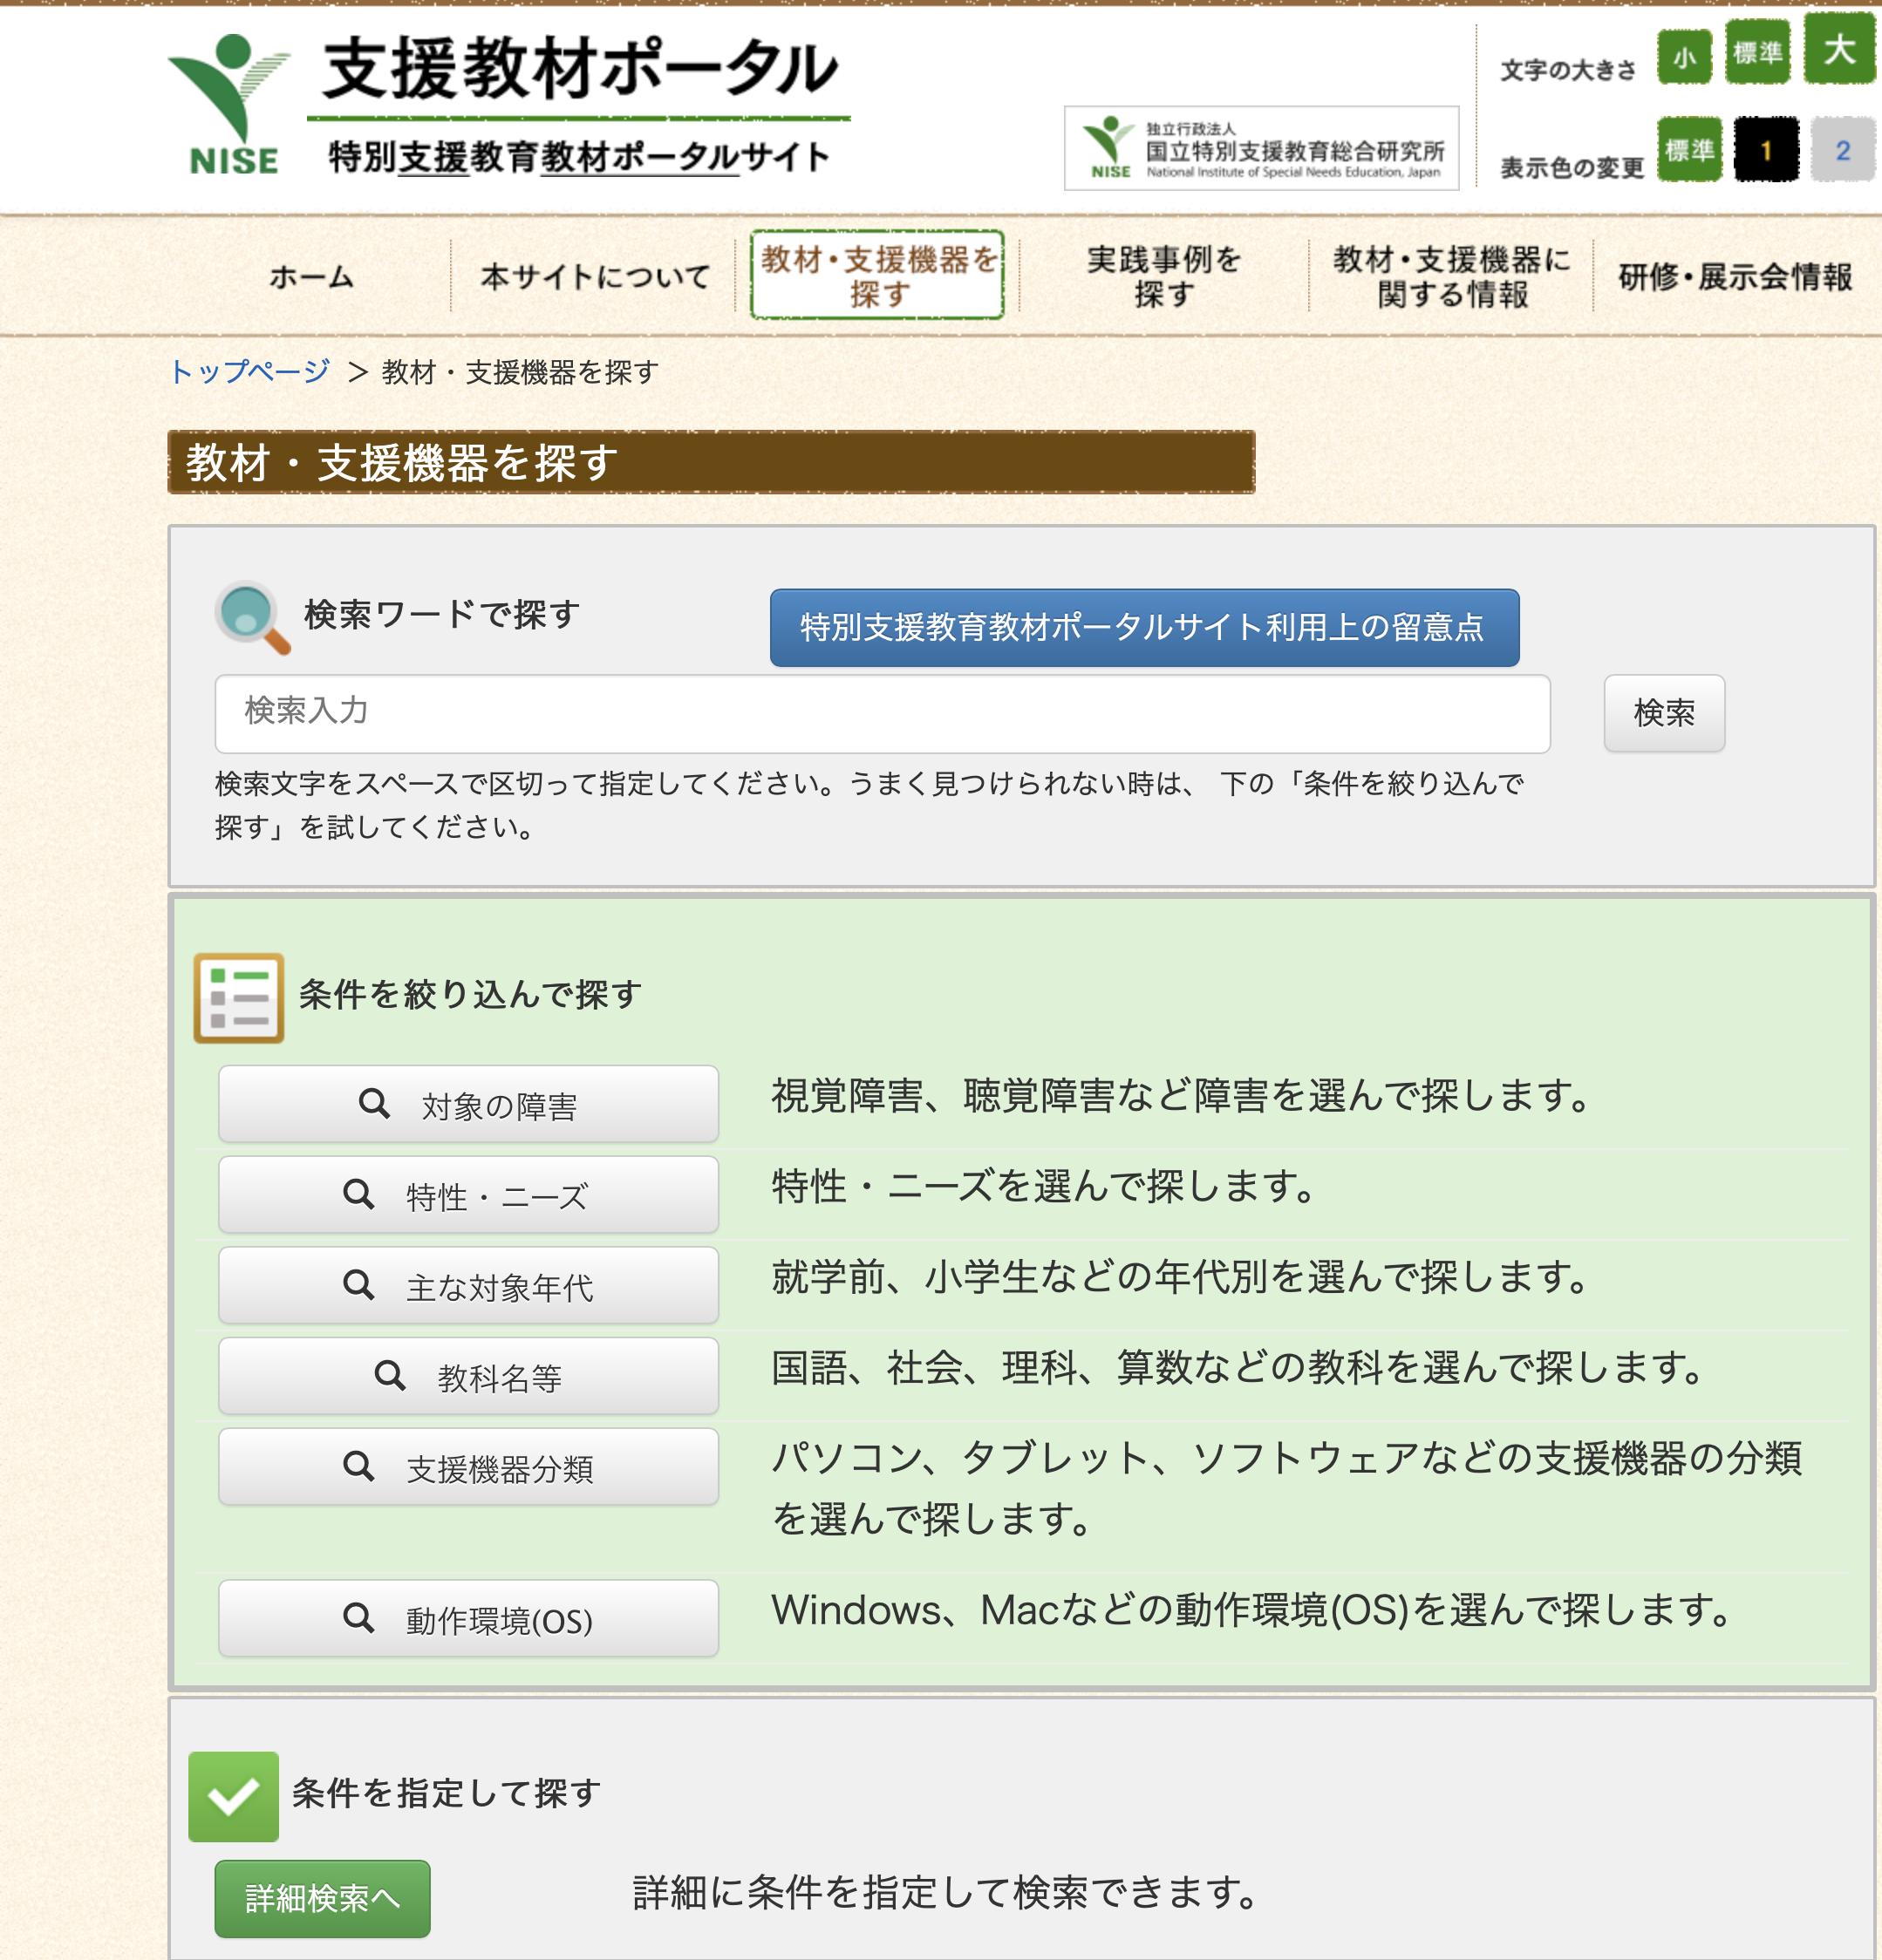 【おすすめサイト】「支援教材ポータル」(国立特別支援教育総合研究所)